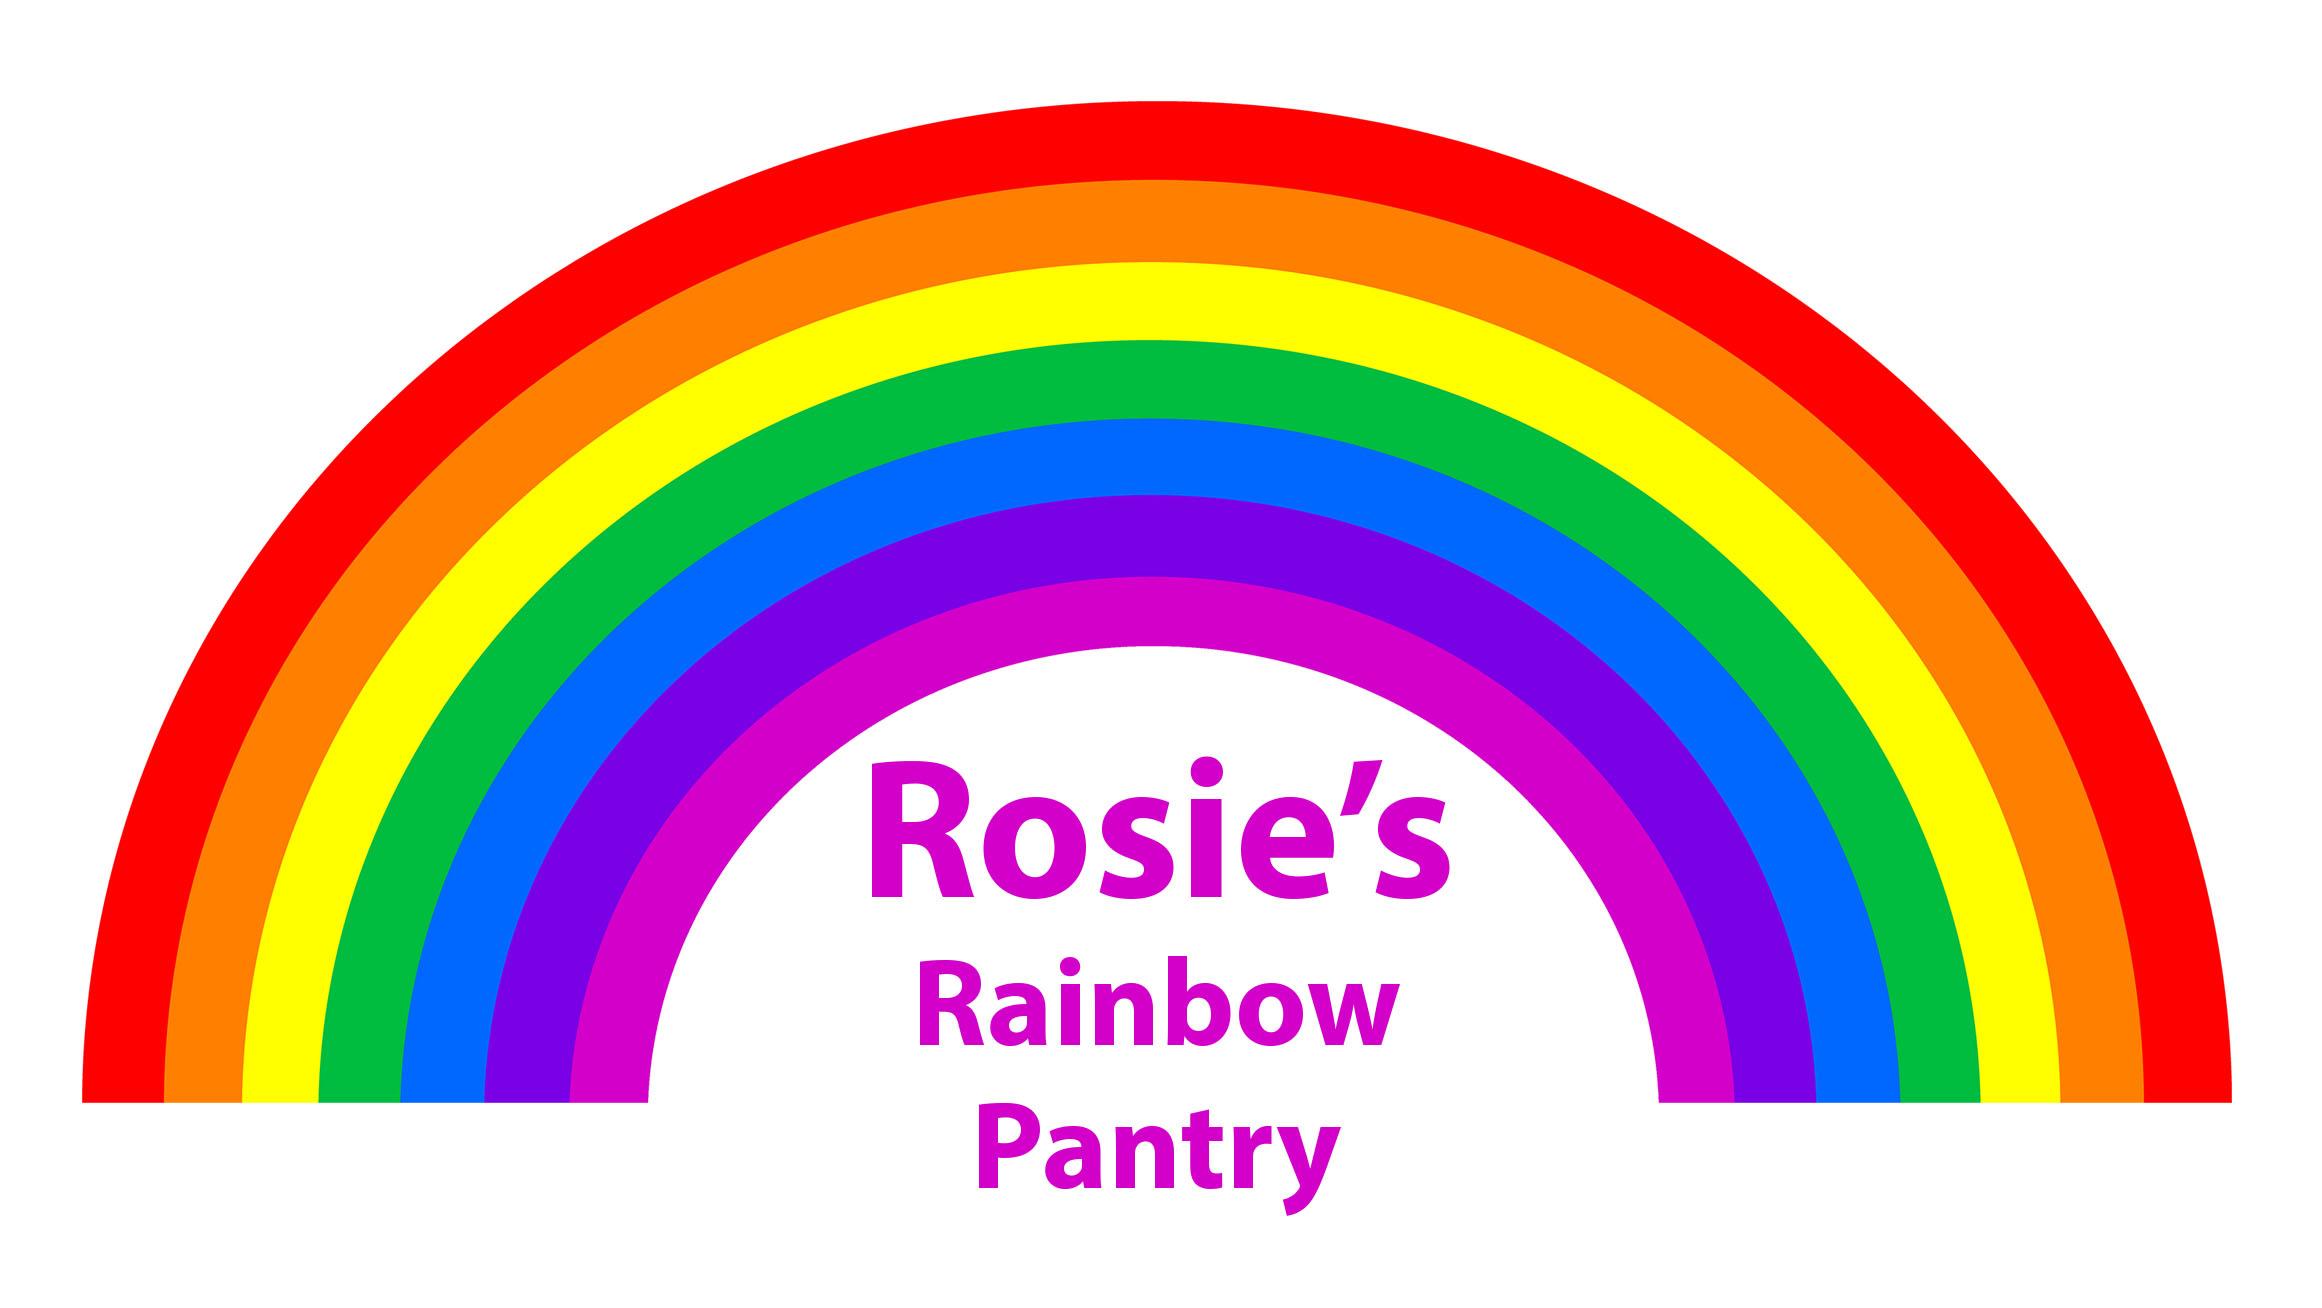 Rosie's Rainbow Pantry